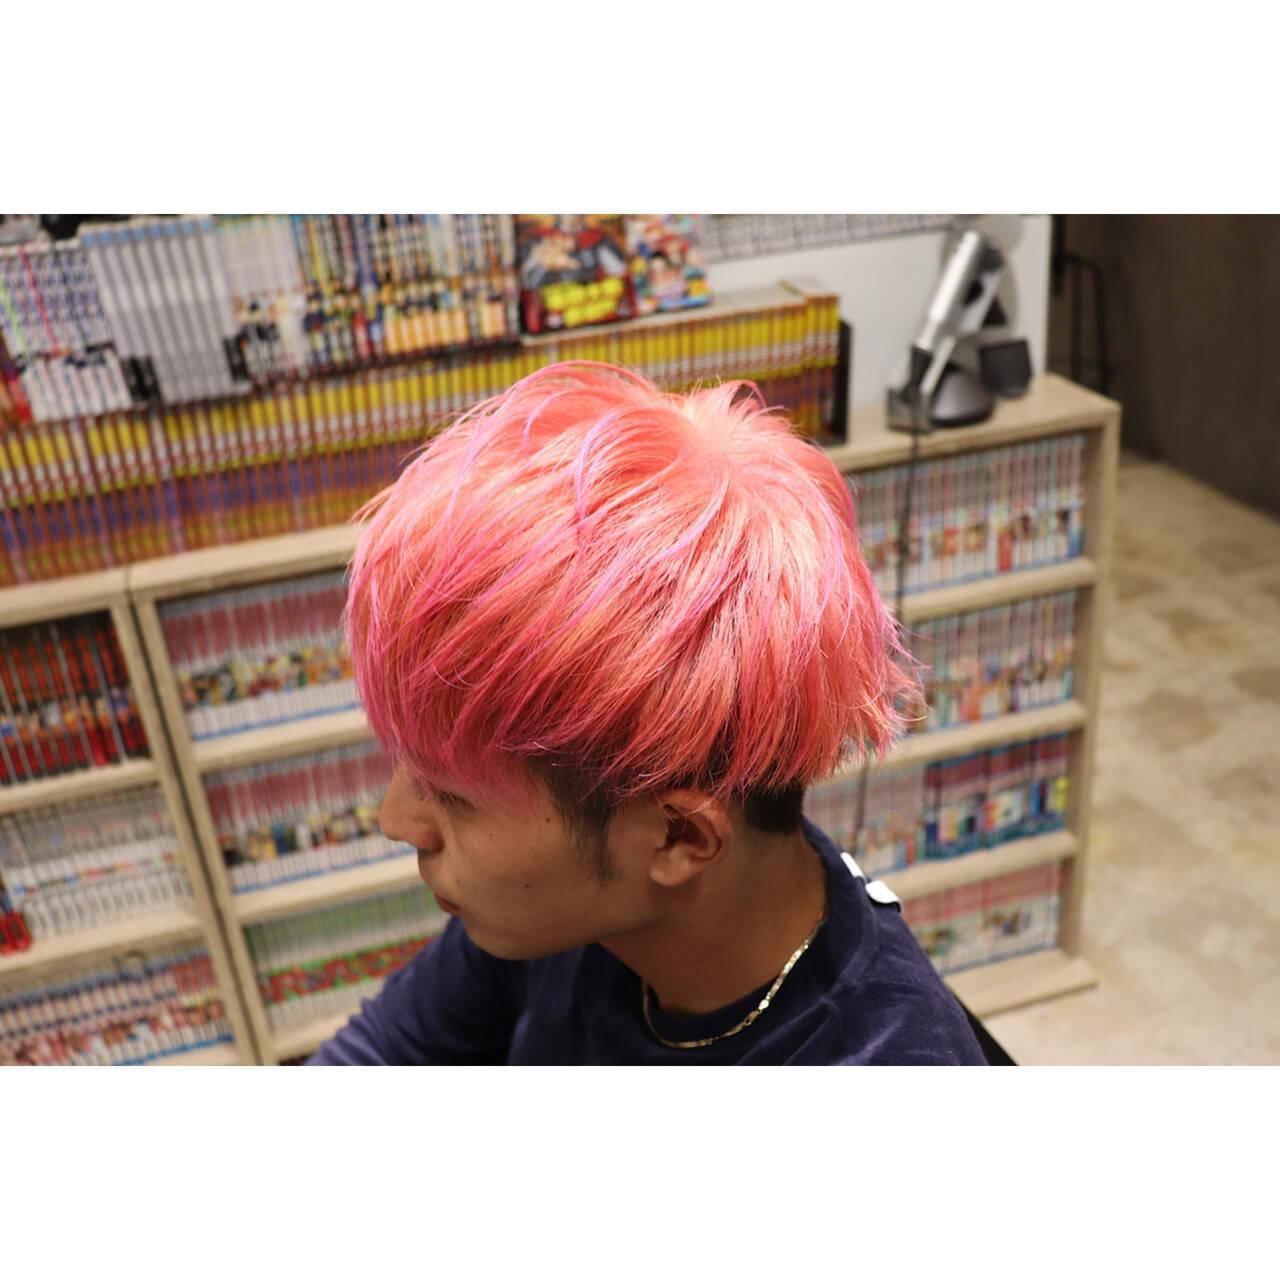 ピンク ショート メンズヘア メンズヘアスタイルや髪型の写真・画像